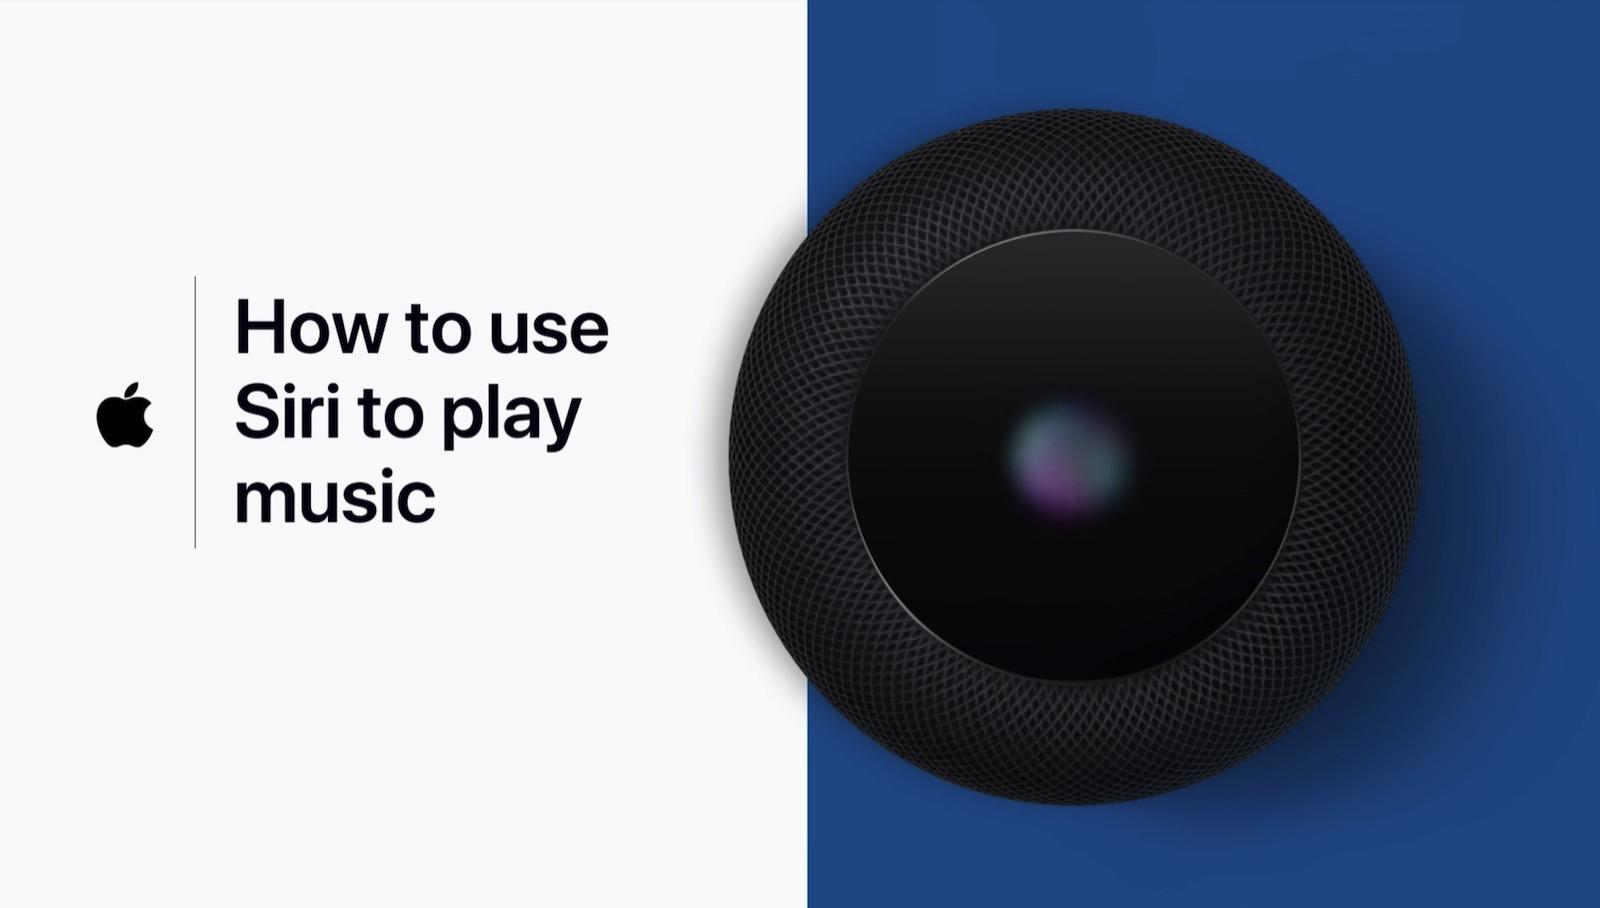 How-To-Use-Siri-on-HomePod.jpg